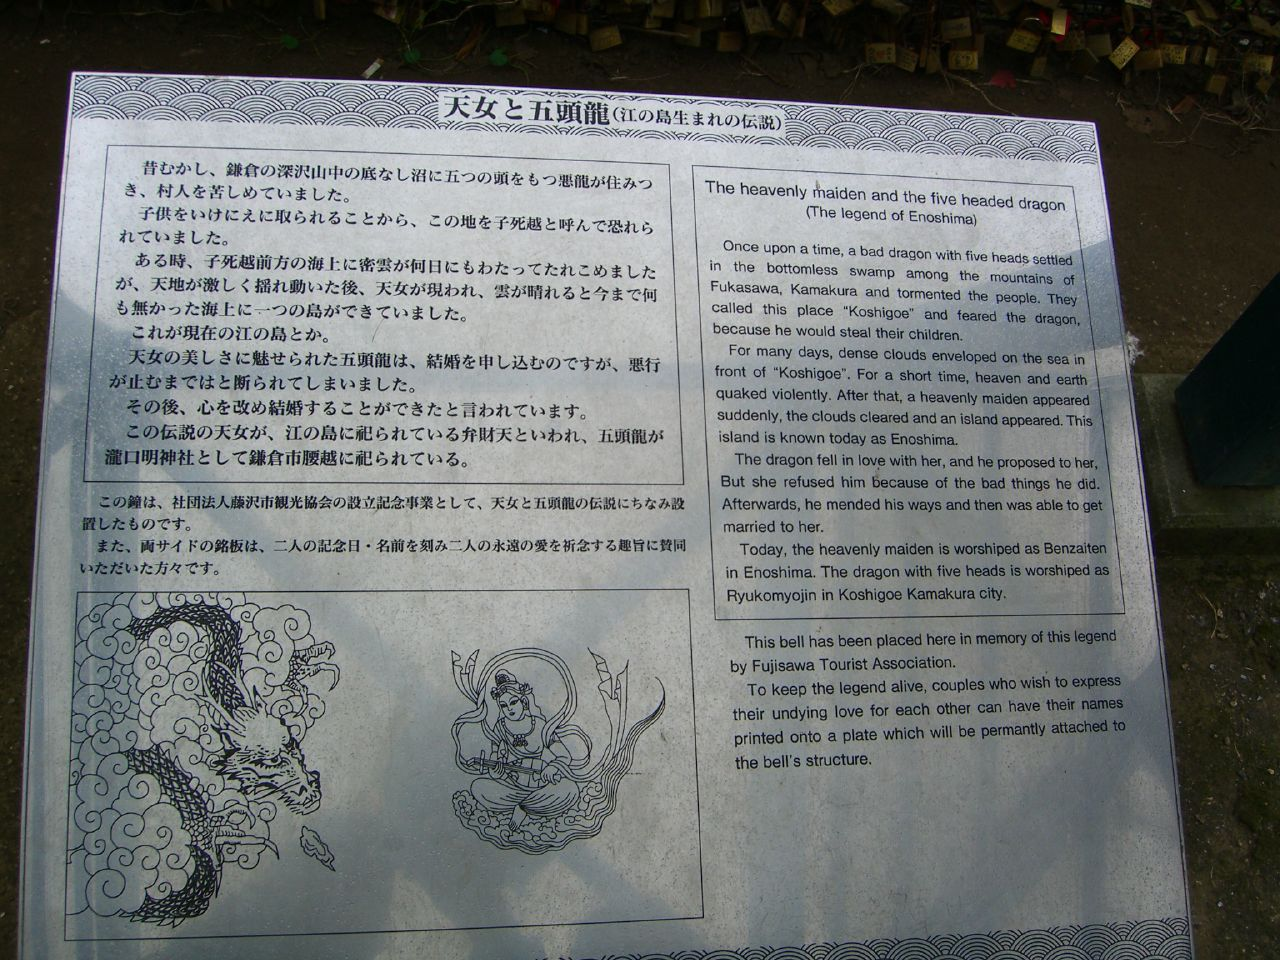 La leggenda di Enoshima